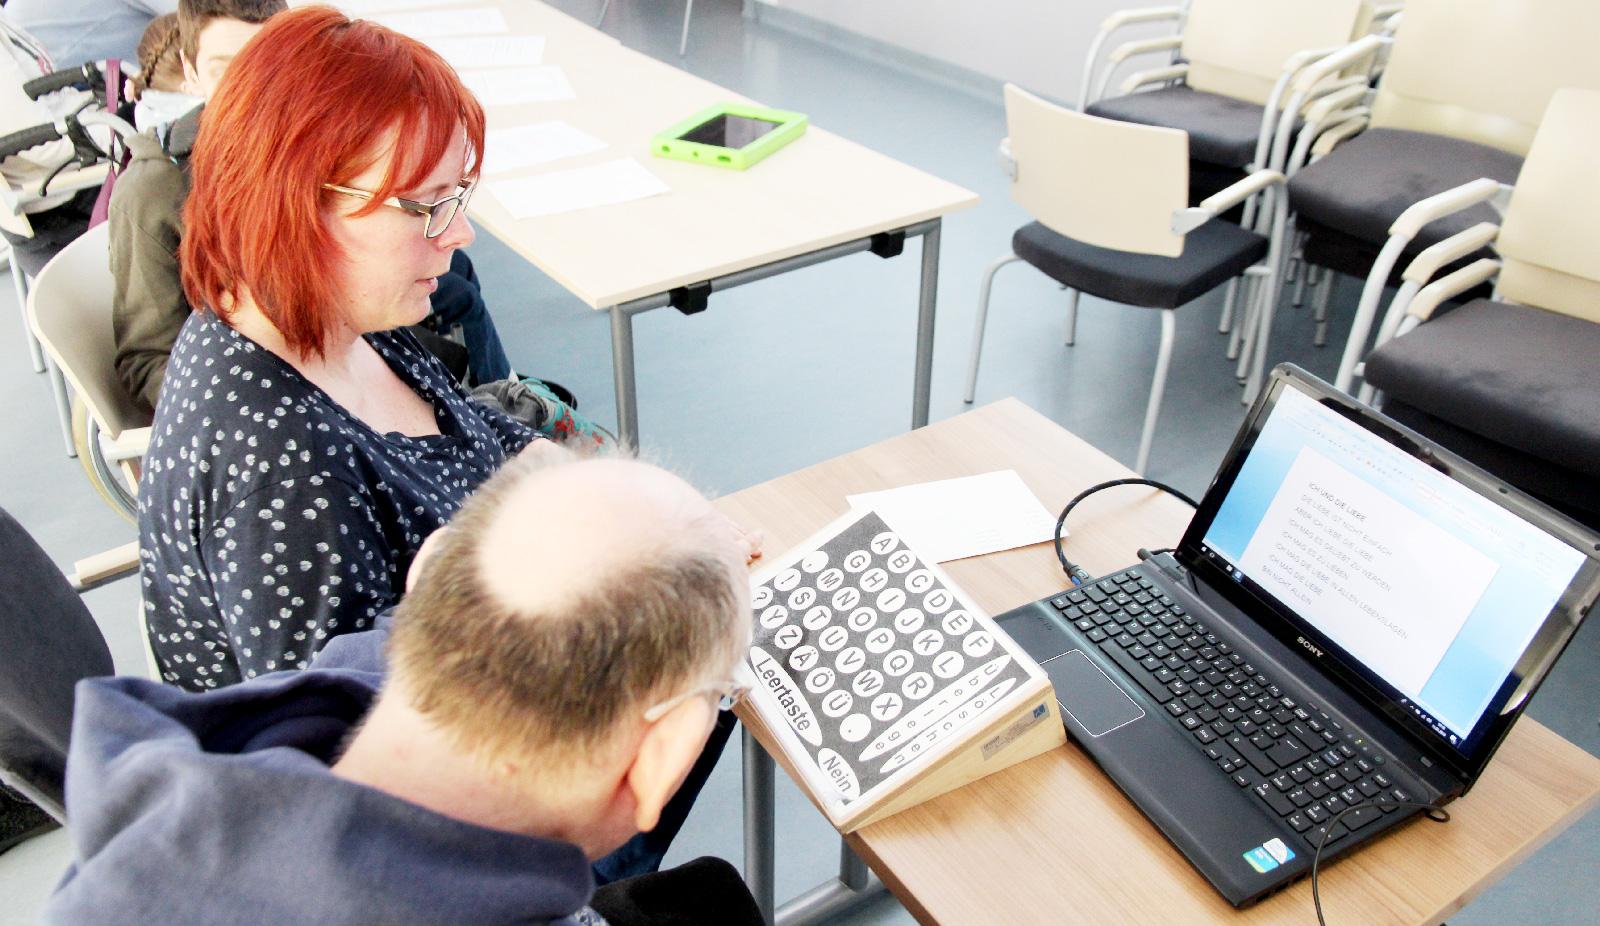 Gestützte Kommunikation ermöglicht Menschen mit Mehrfachbehinderung beispielsweise Texte zu schreiben; die Zeitungsgruppe der Förderstätten begleitete das Projekt in Wort und Bild.